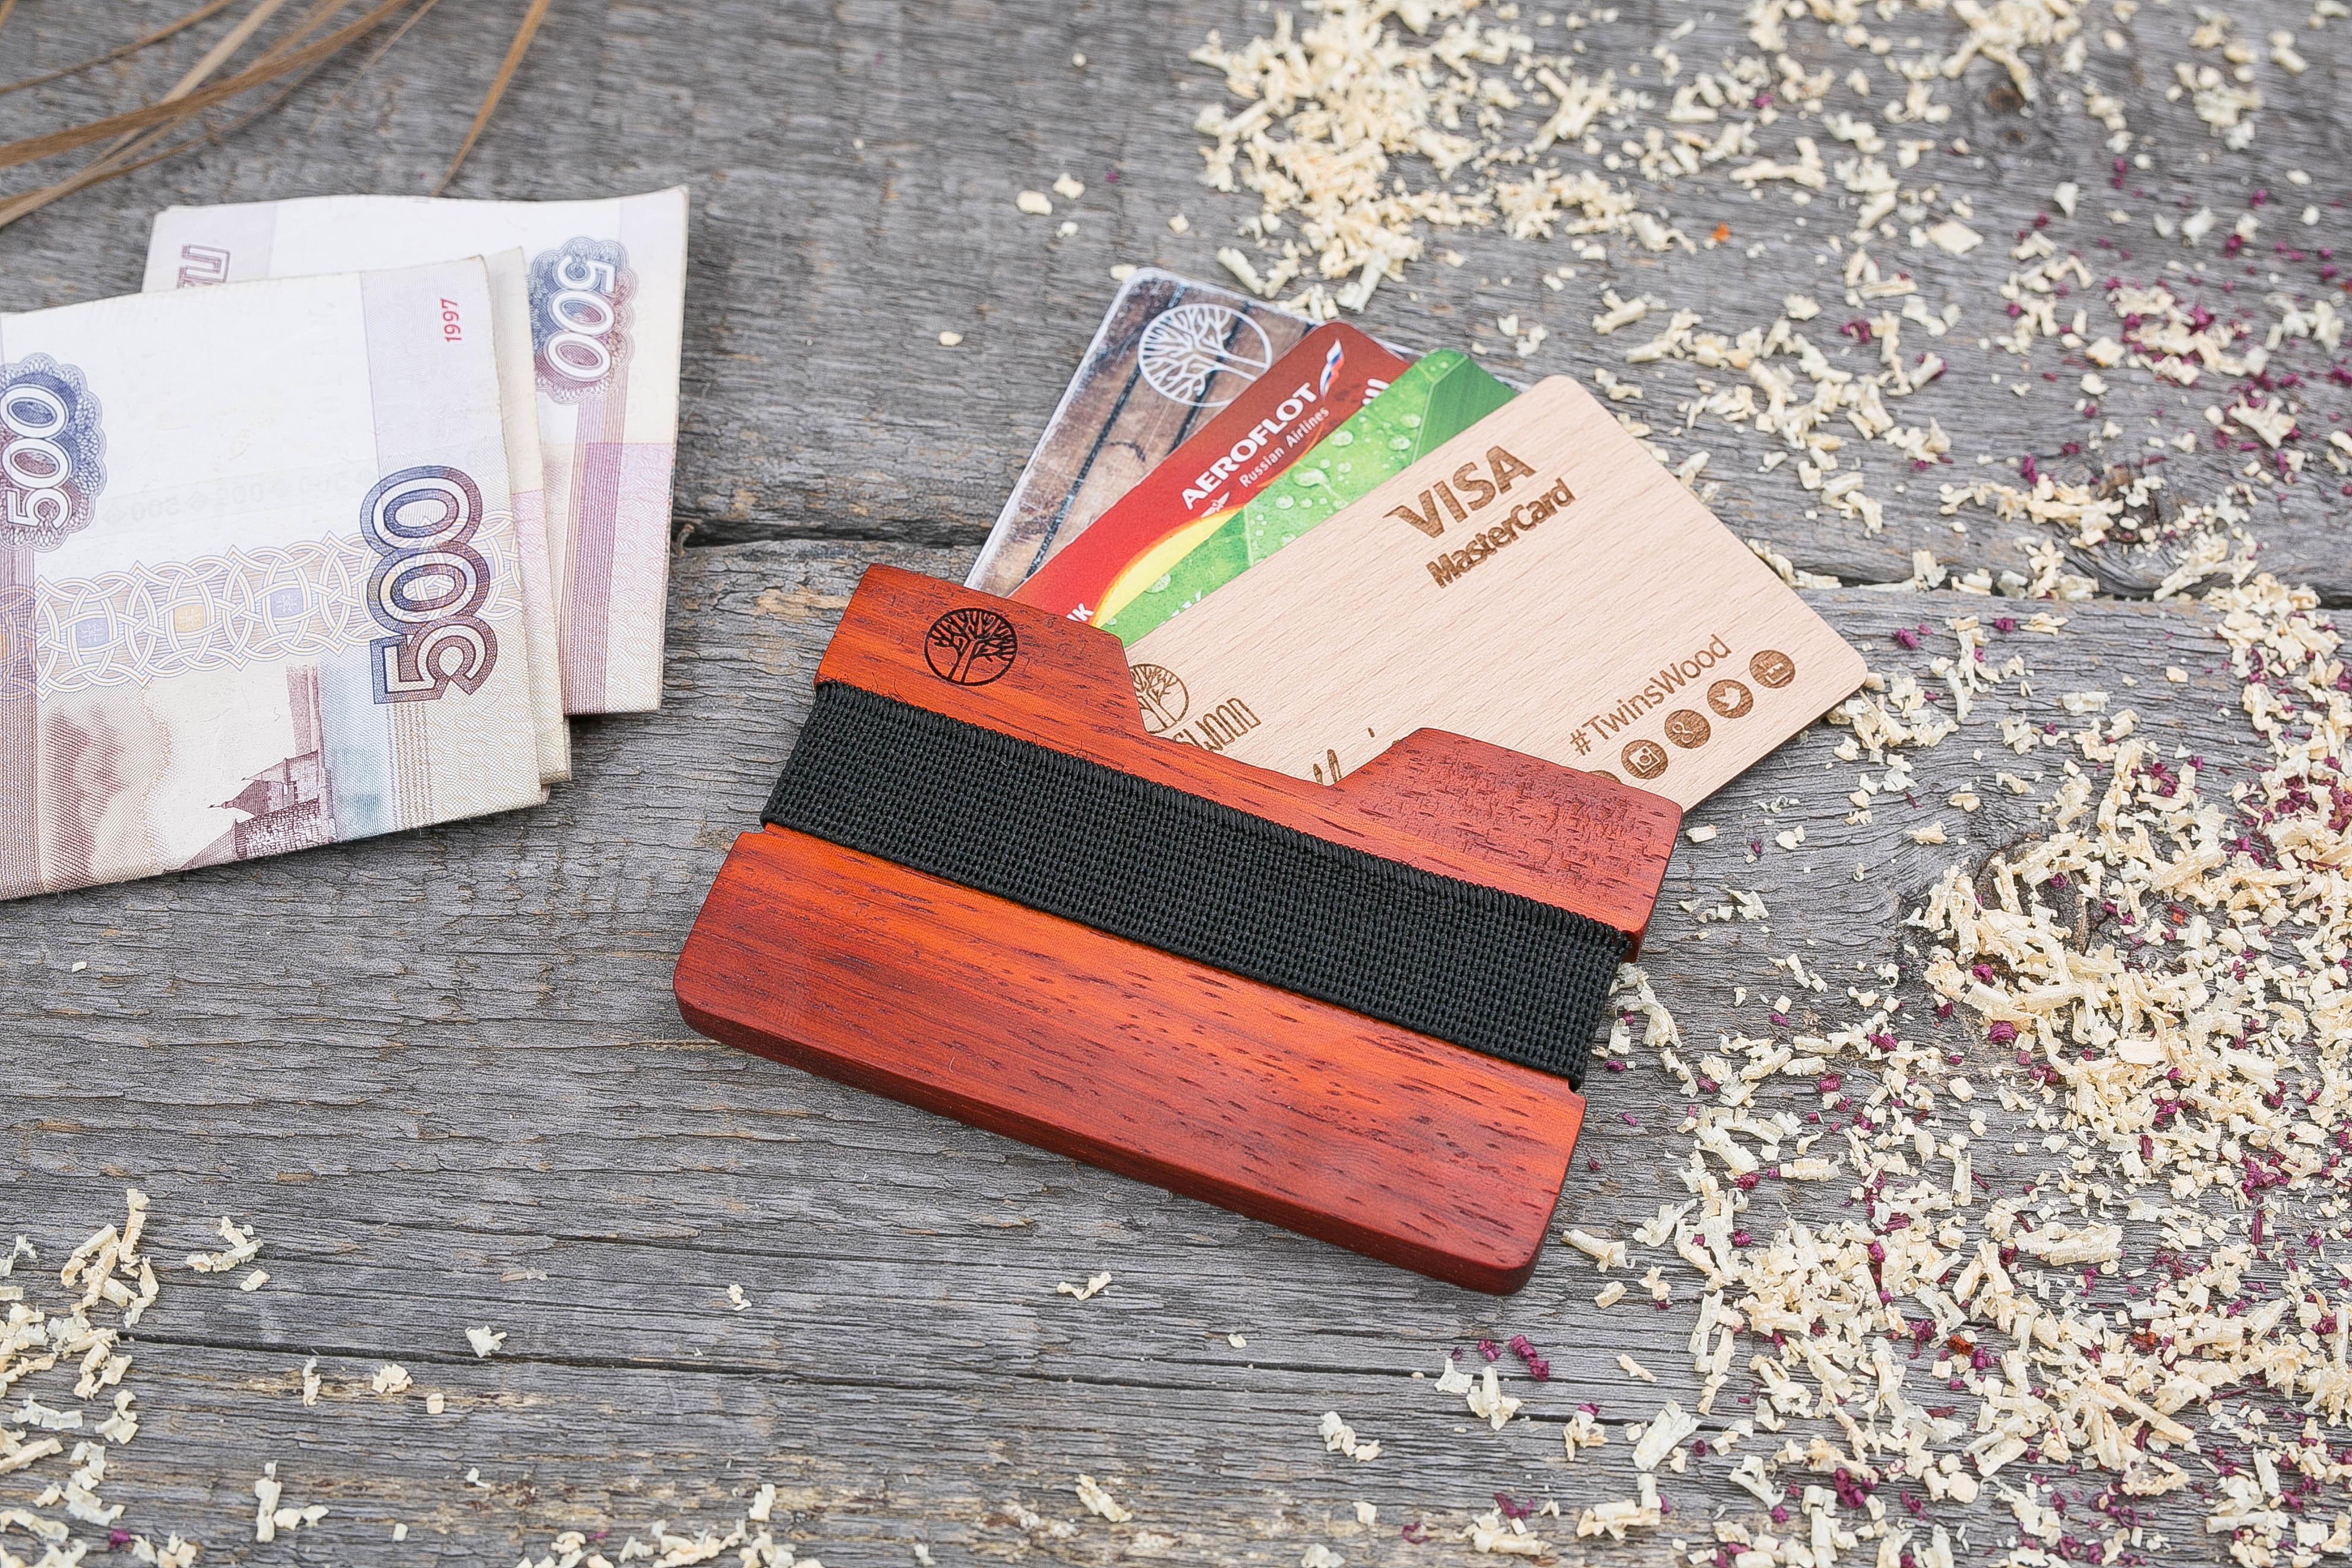 Деревянный кошелек  из падука. Горизонтальная загрузка. Для 1-6 пластиковых карт и купюр. Поддержка Apple Pay. Гравировка имени или логотипа. Бизнес сувенир. Подарок другу. Именной кошелек